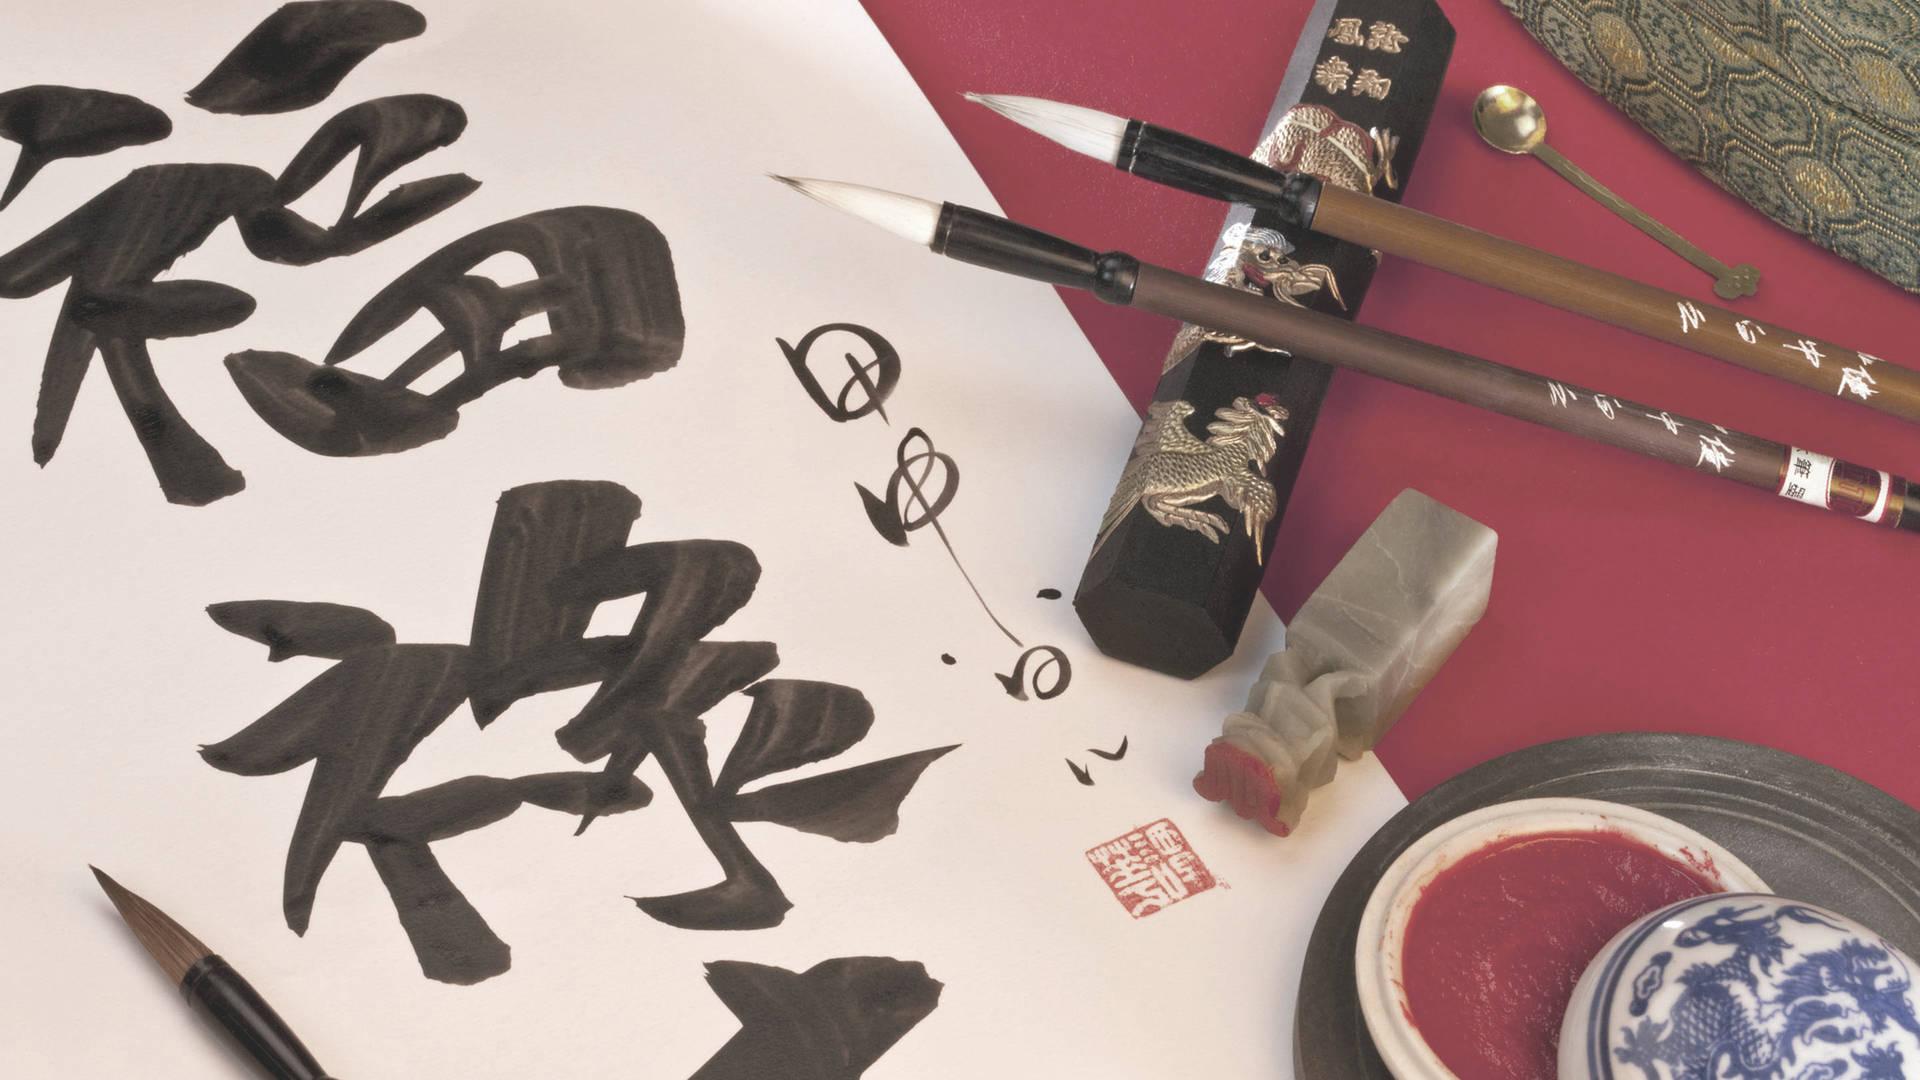 caligraphy shopping guangzhou